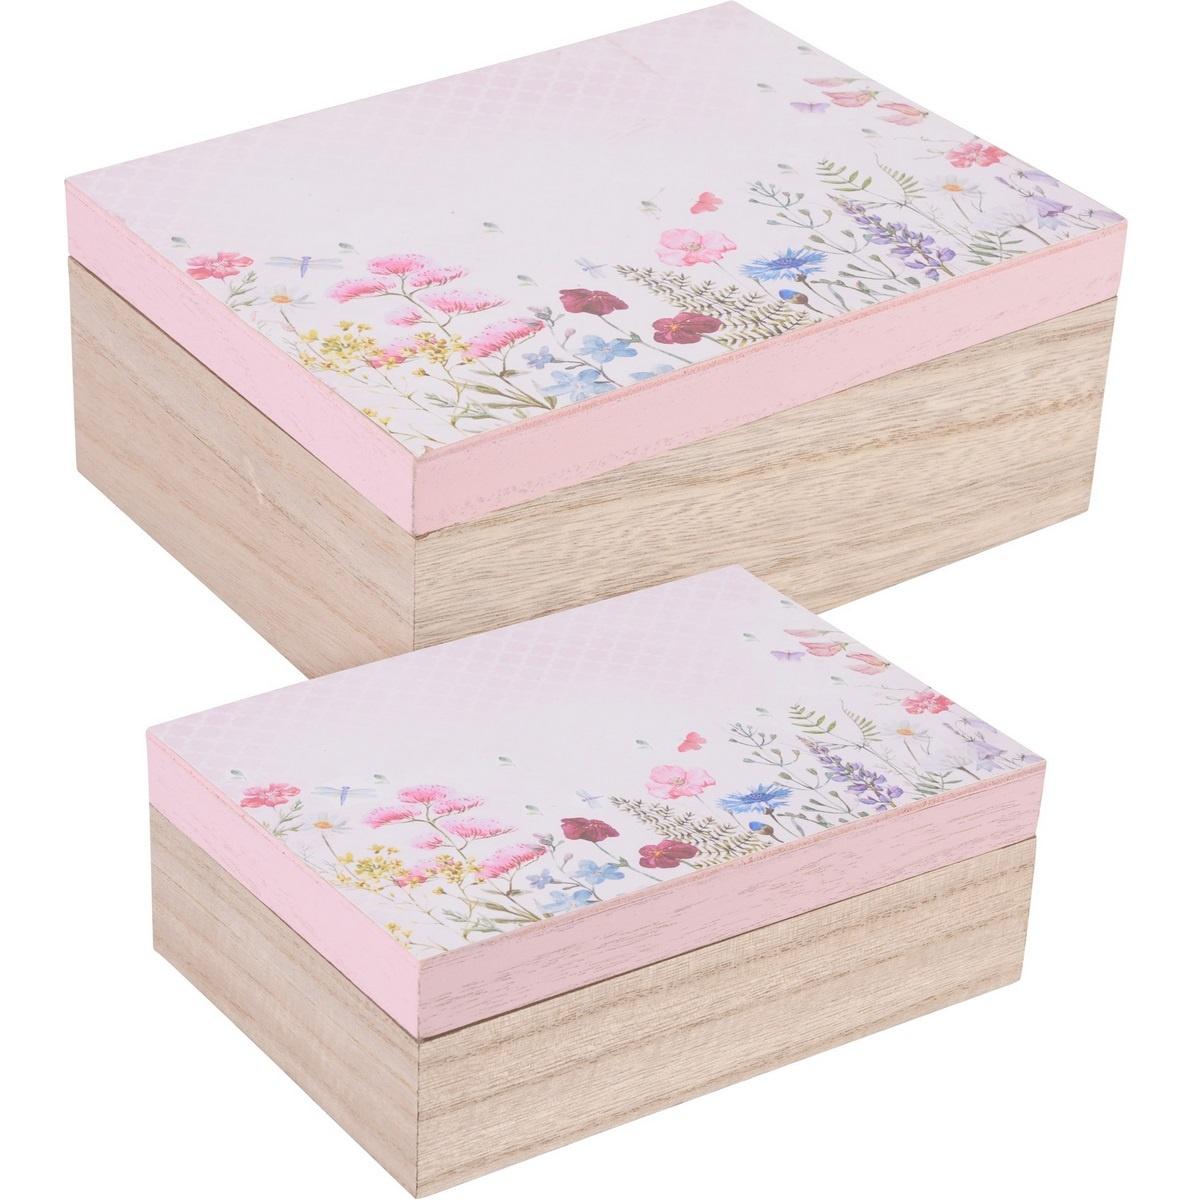 Sada dekoračných box Flower paradise 2 ks, ružová